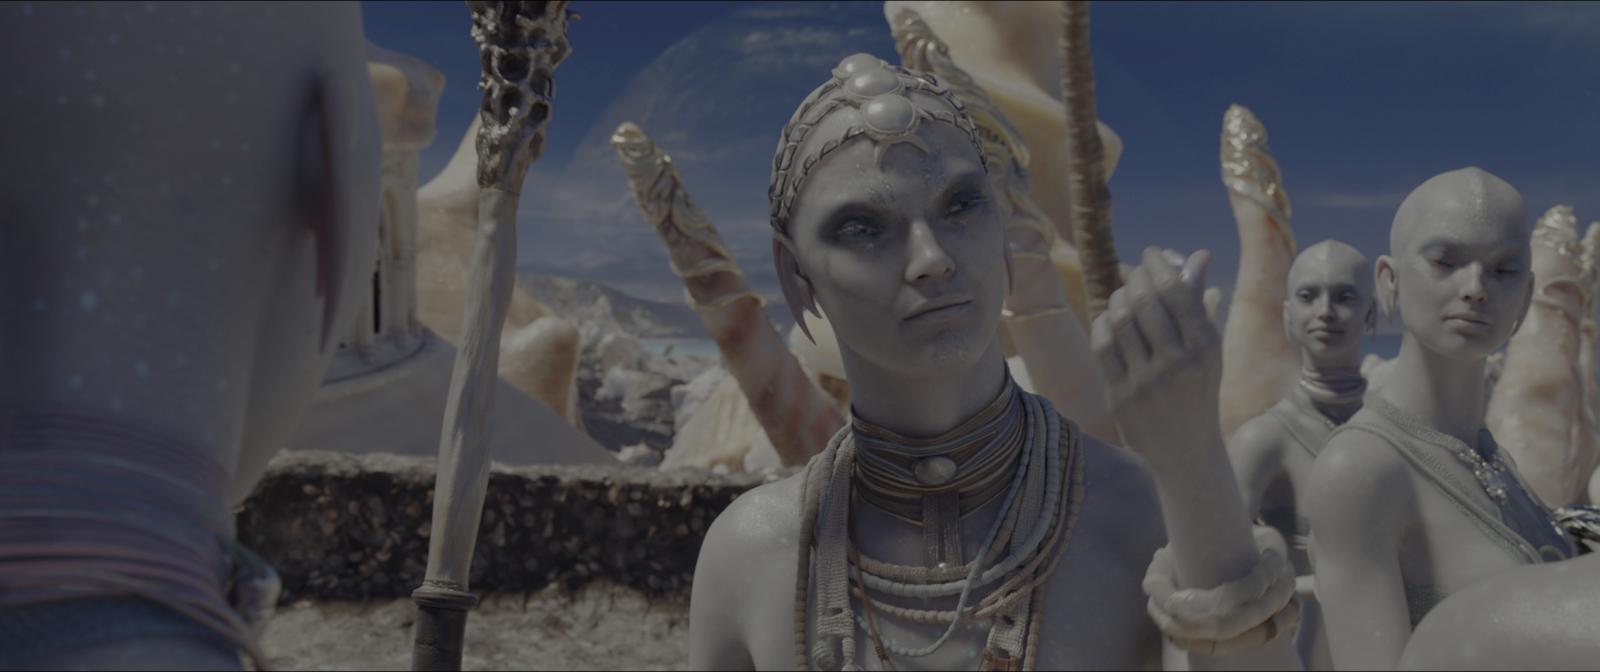 Valerian y La Ciudad De Los Mil Planetas (2017) 4K UHD [HDR] Latino - Castellano - Ingles captura 1